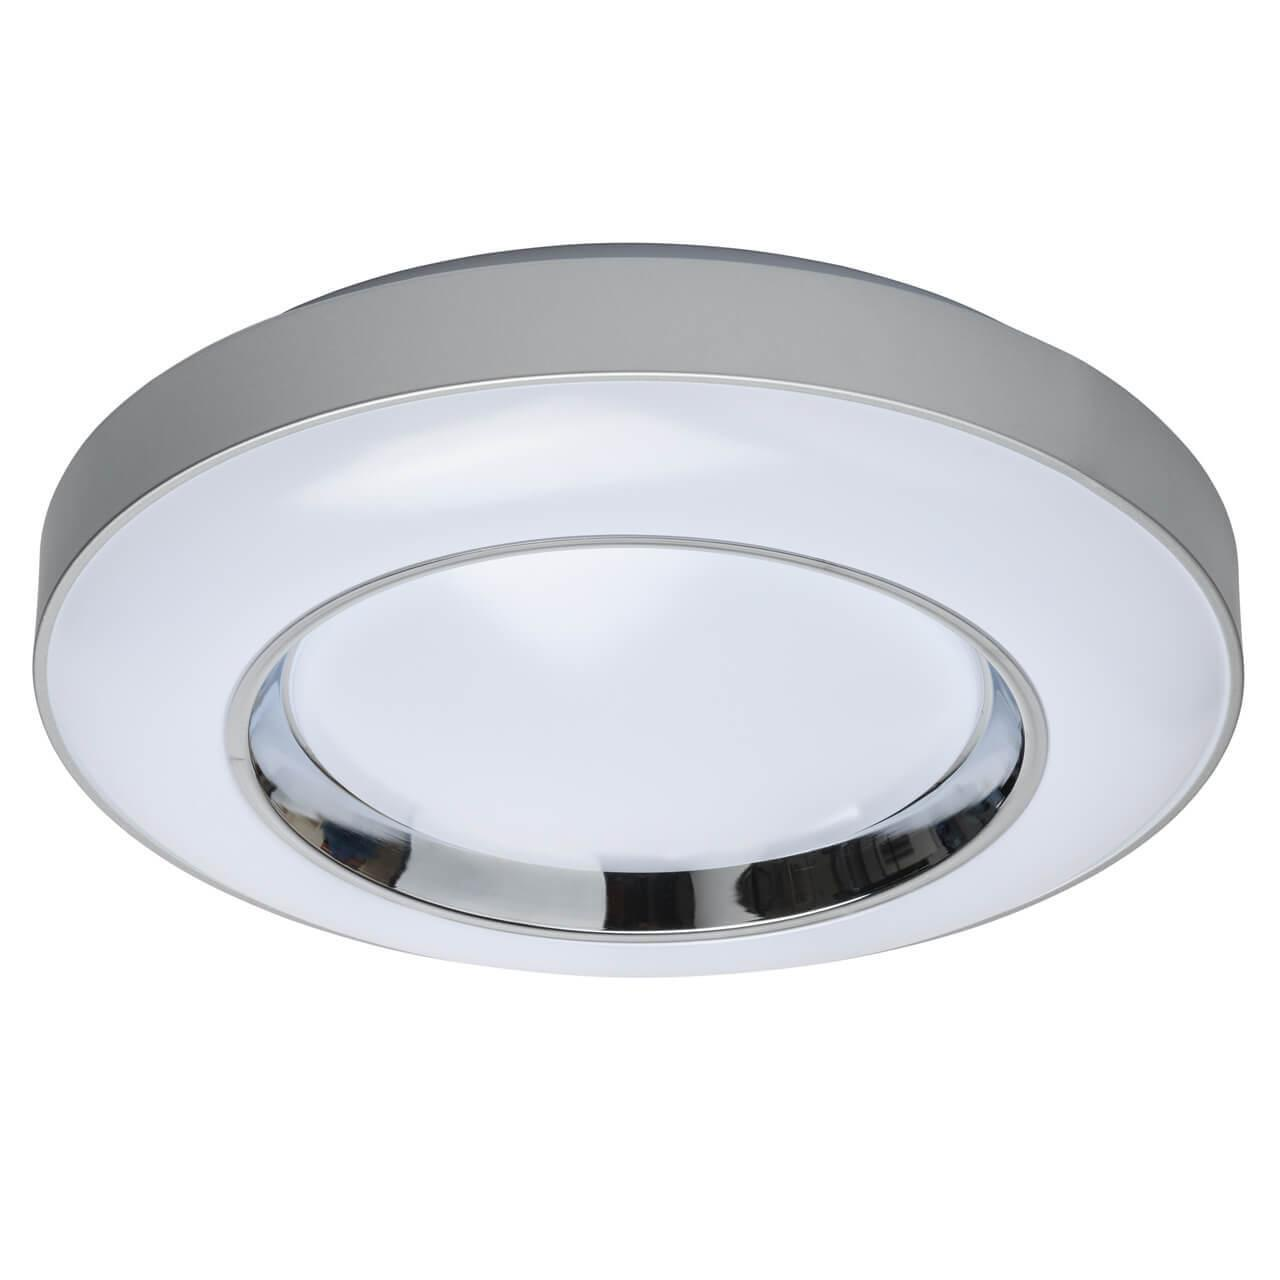 Потолочный светильник De Markt 674016801, LED, 36 Вт потолочный светодиодный светильник de markt ривз 674012101